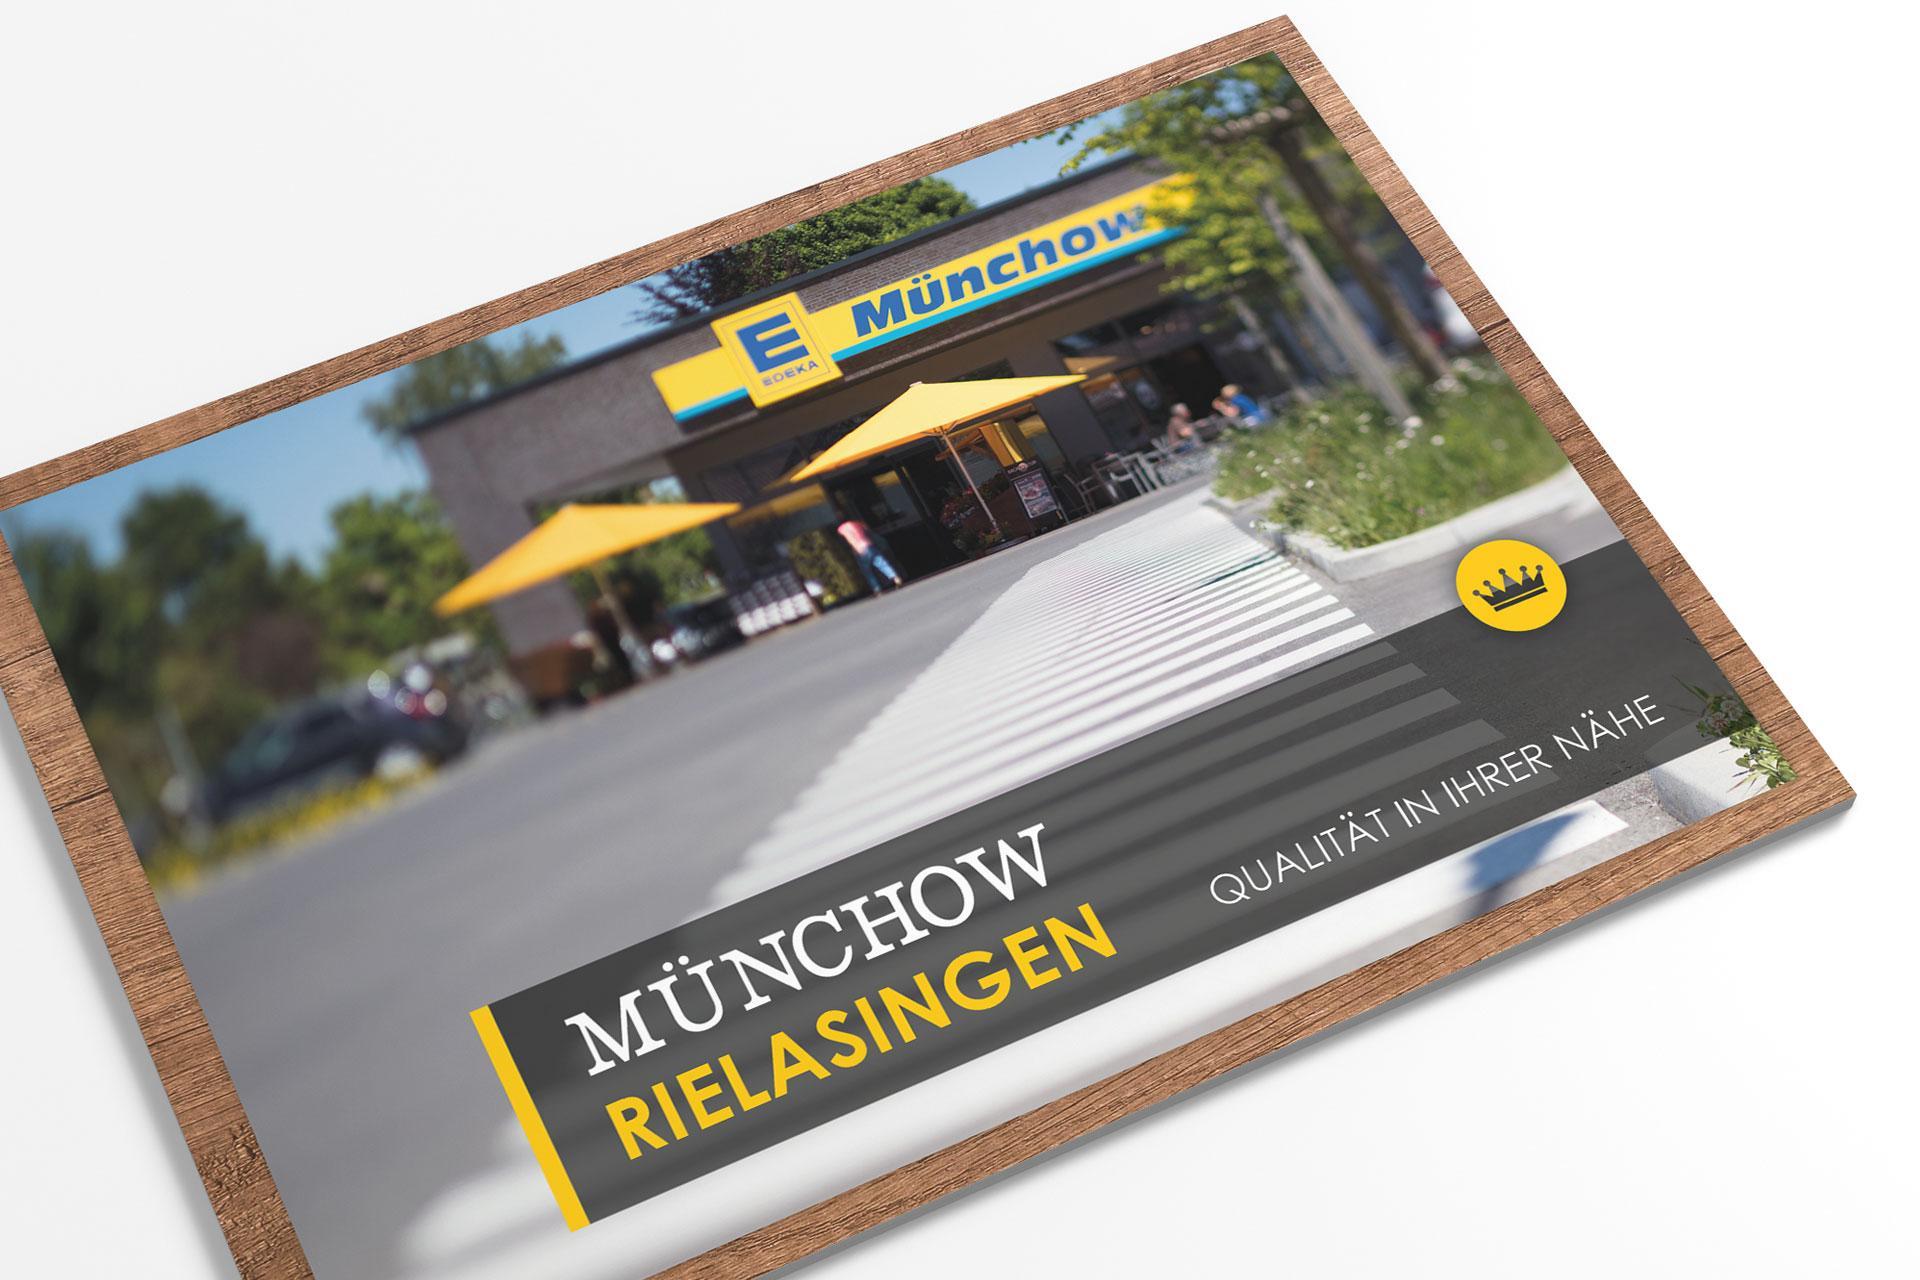 image broschre fr die mnchow mrkte - Imagebroschure Beispiele